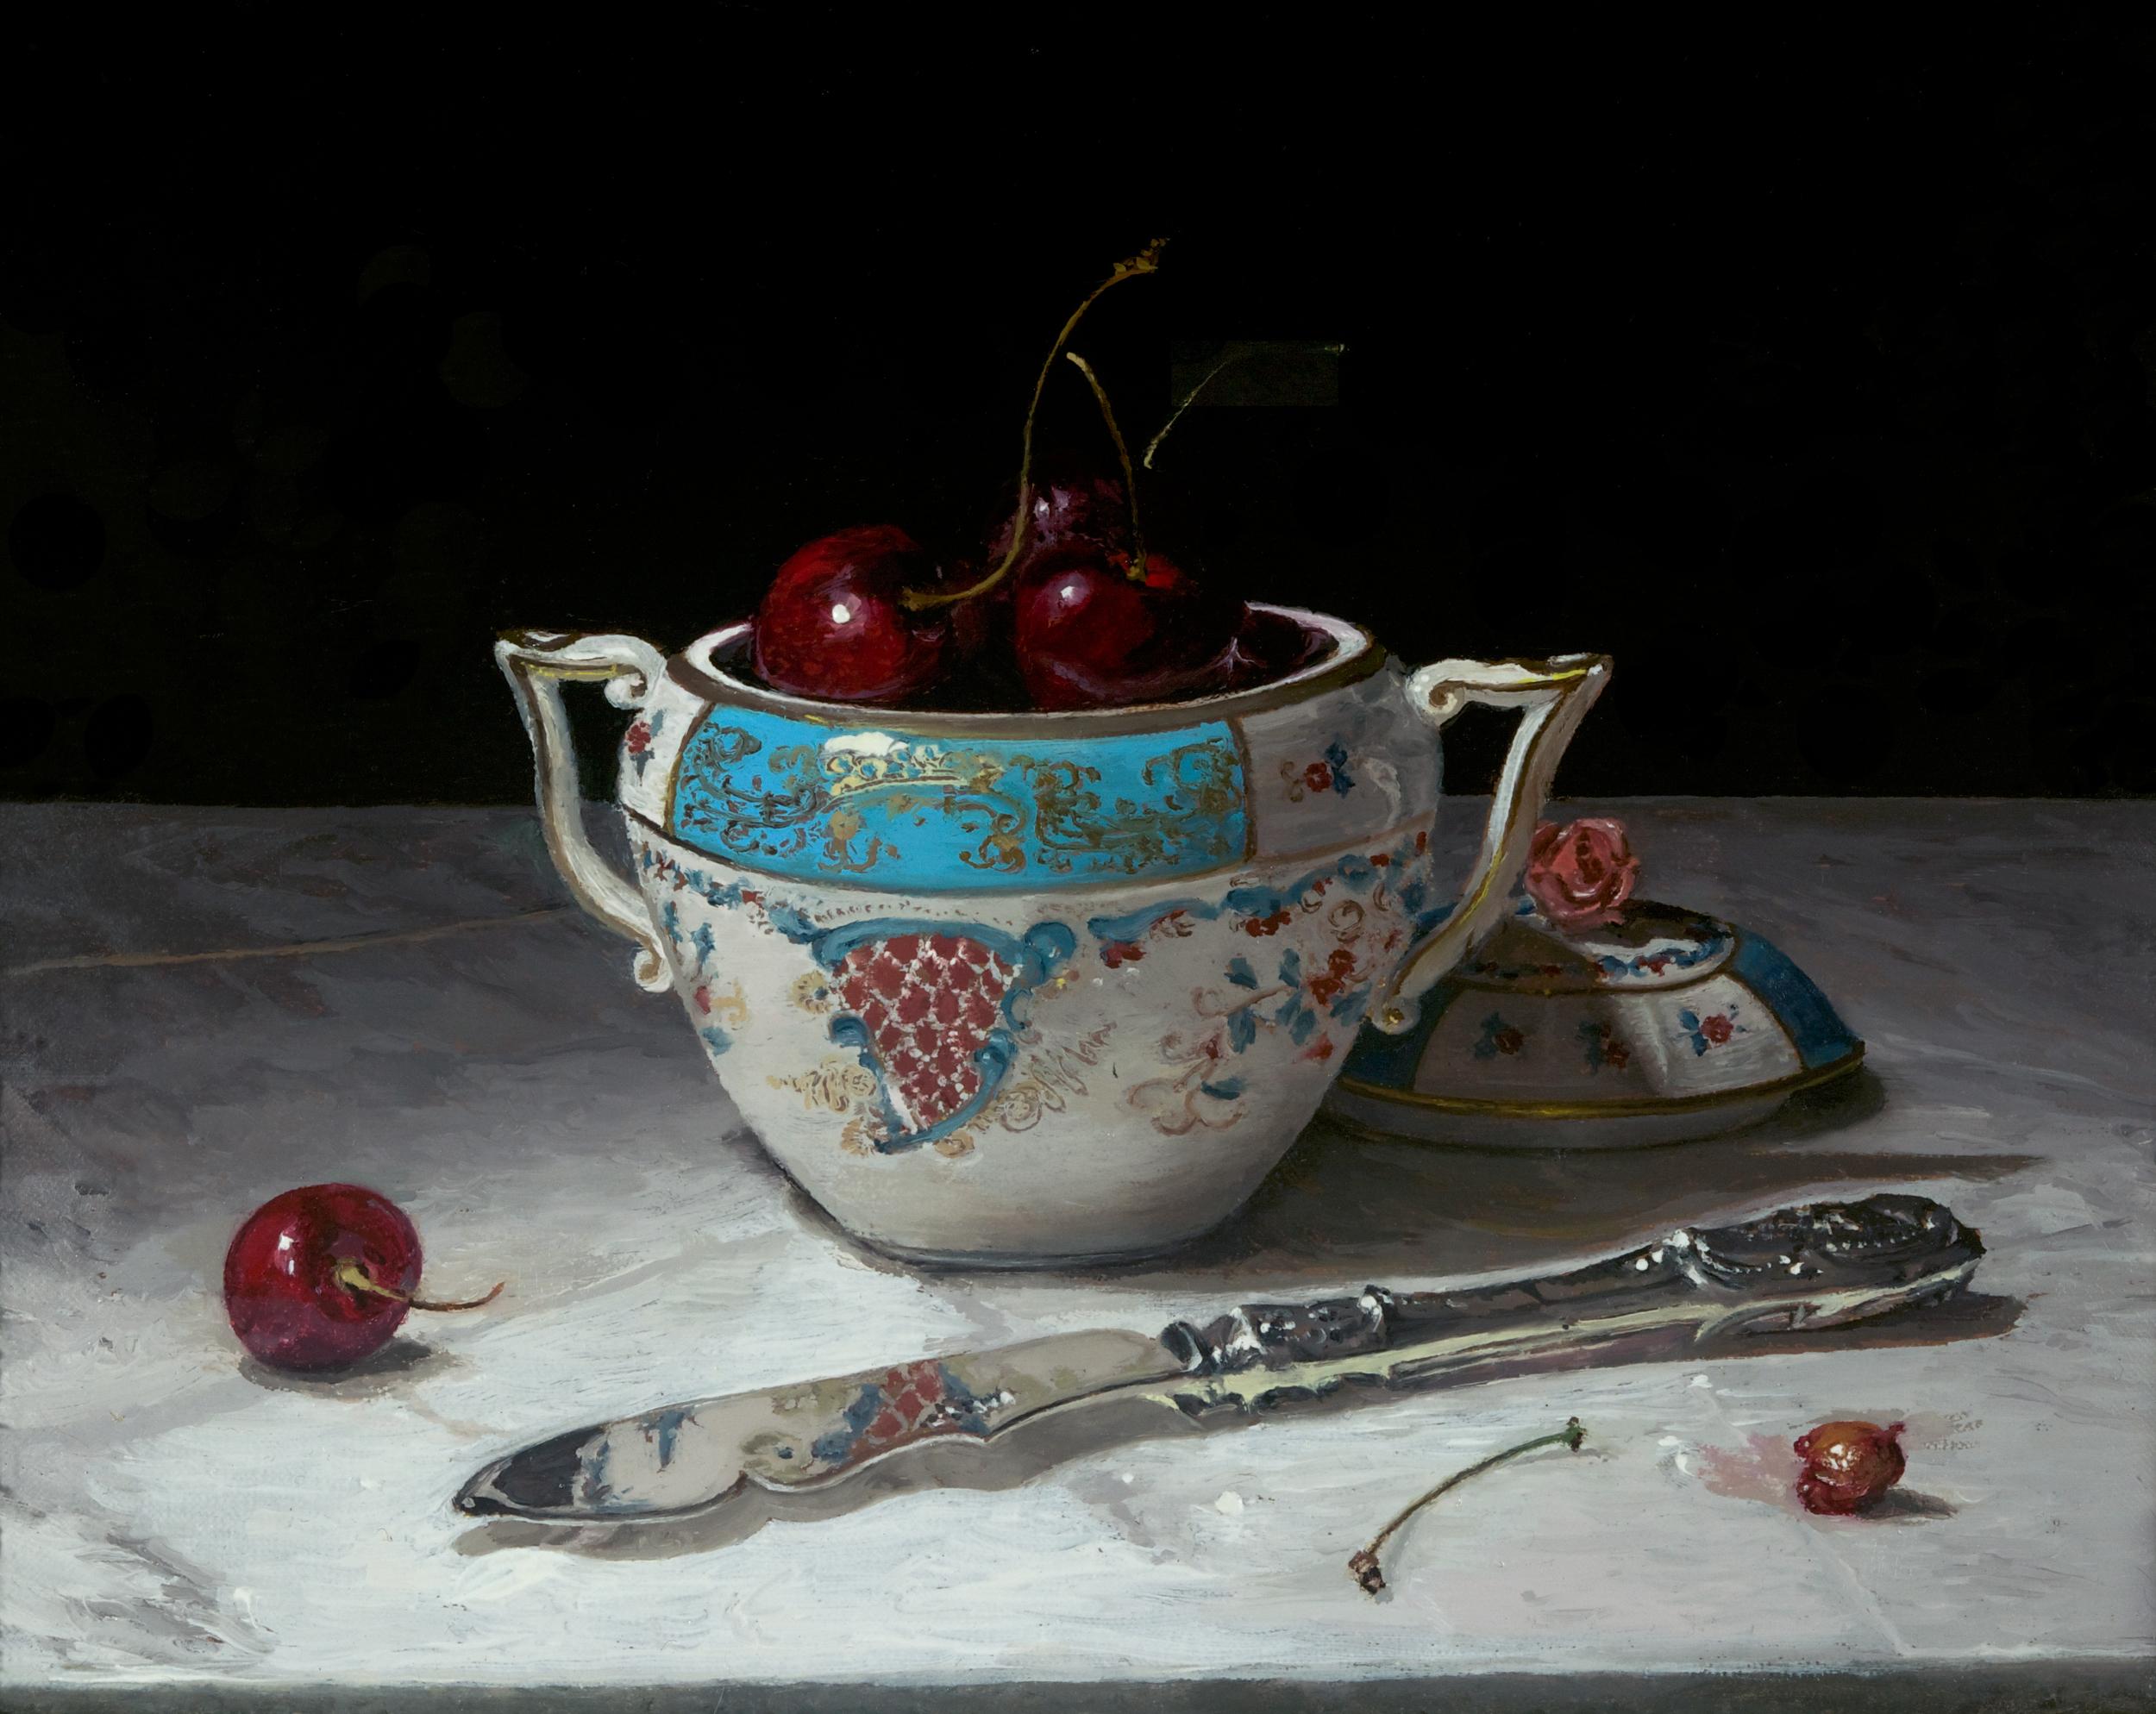 Cornucopia with Cherries